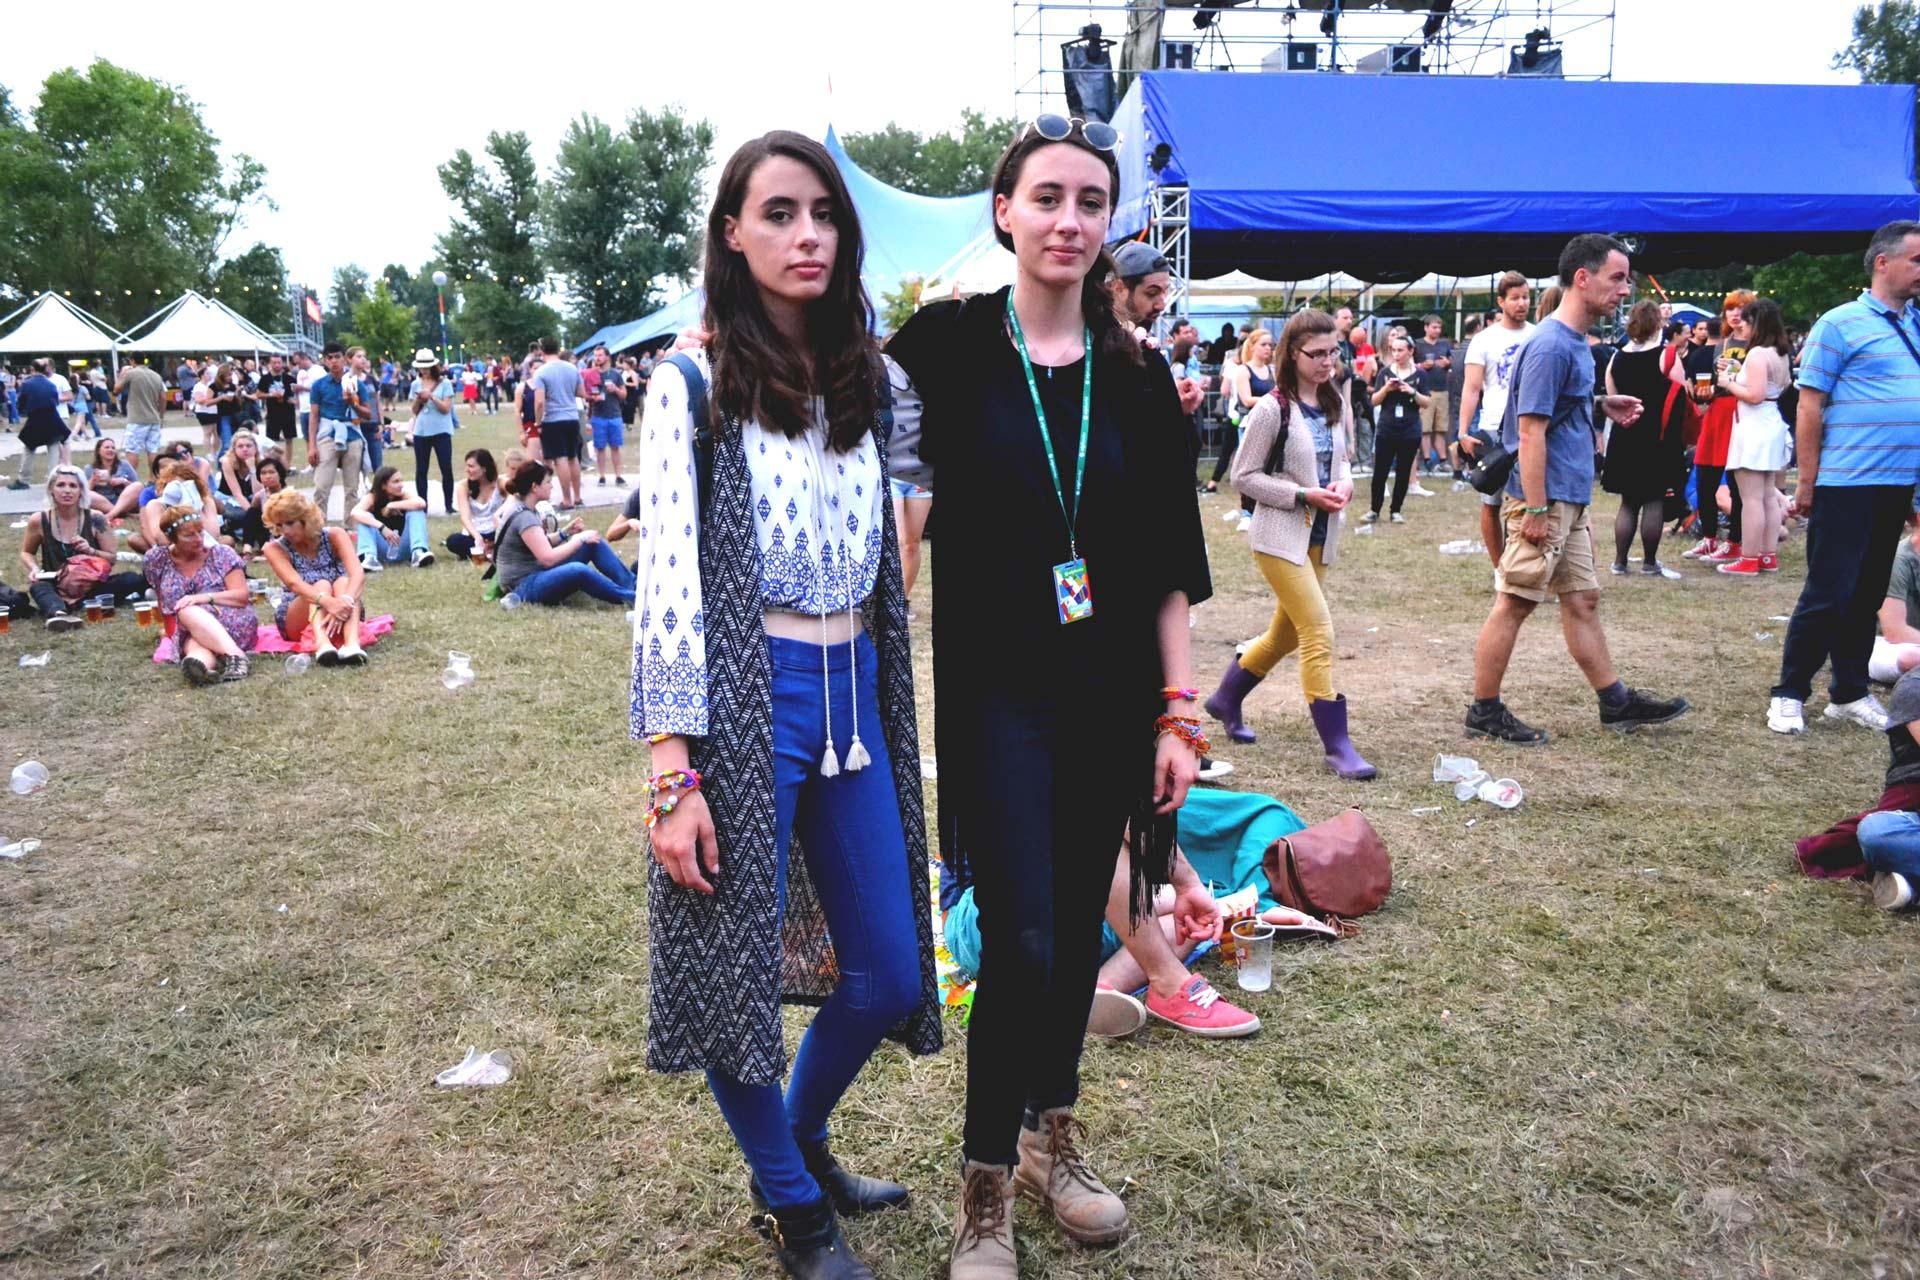 Ivana, 24, und Valentina, 24, Zwillinge aus Zagreb mit dem besten Look vor der Main Stage des INmusic Festivals.